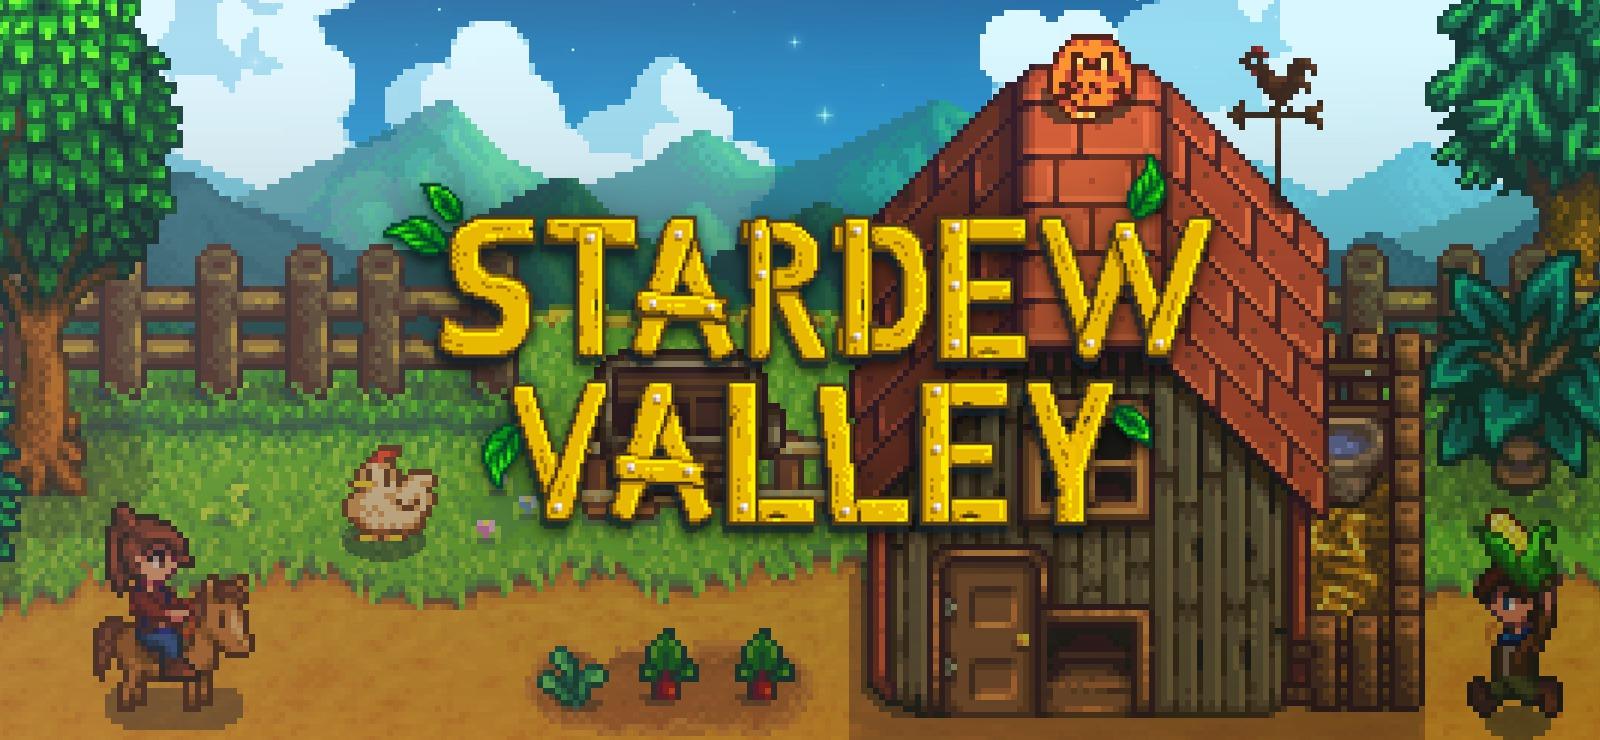 เกม Stardew Valley